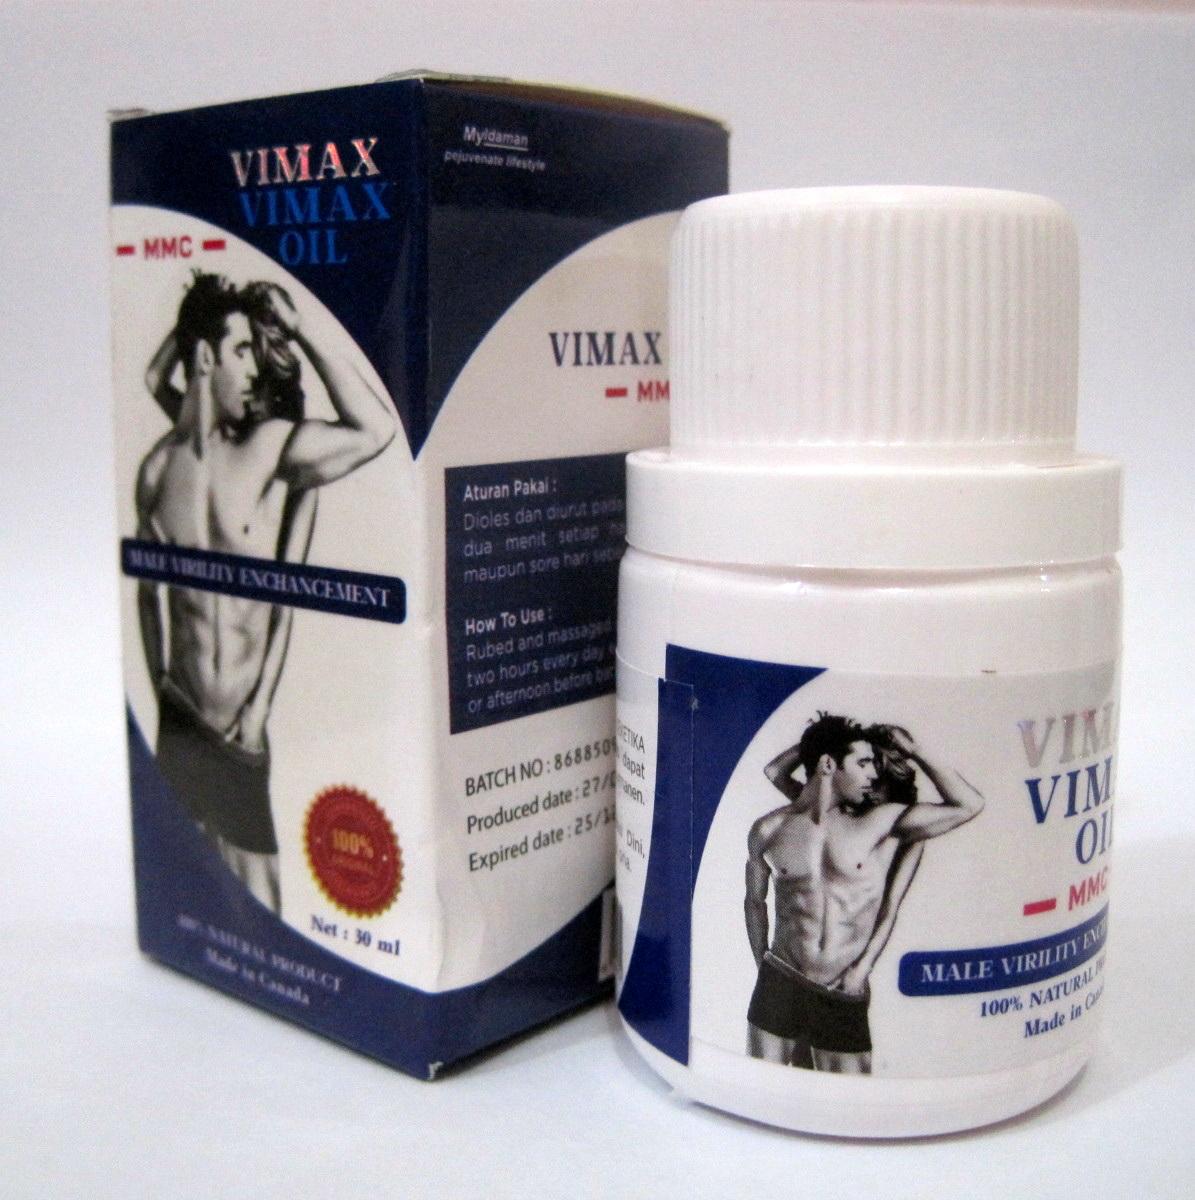 obat herbal vimax oil harga grosir dunia pusaka sakti